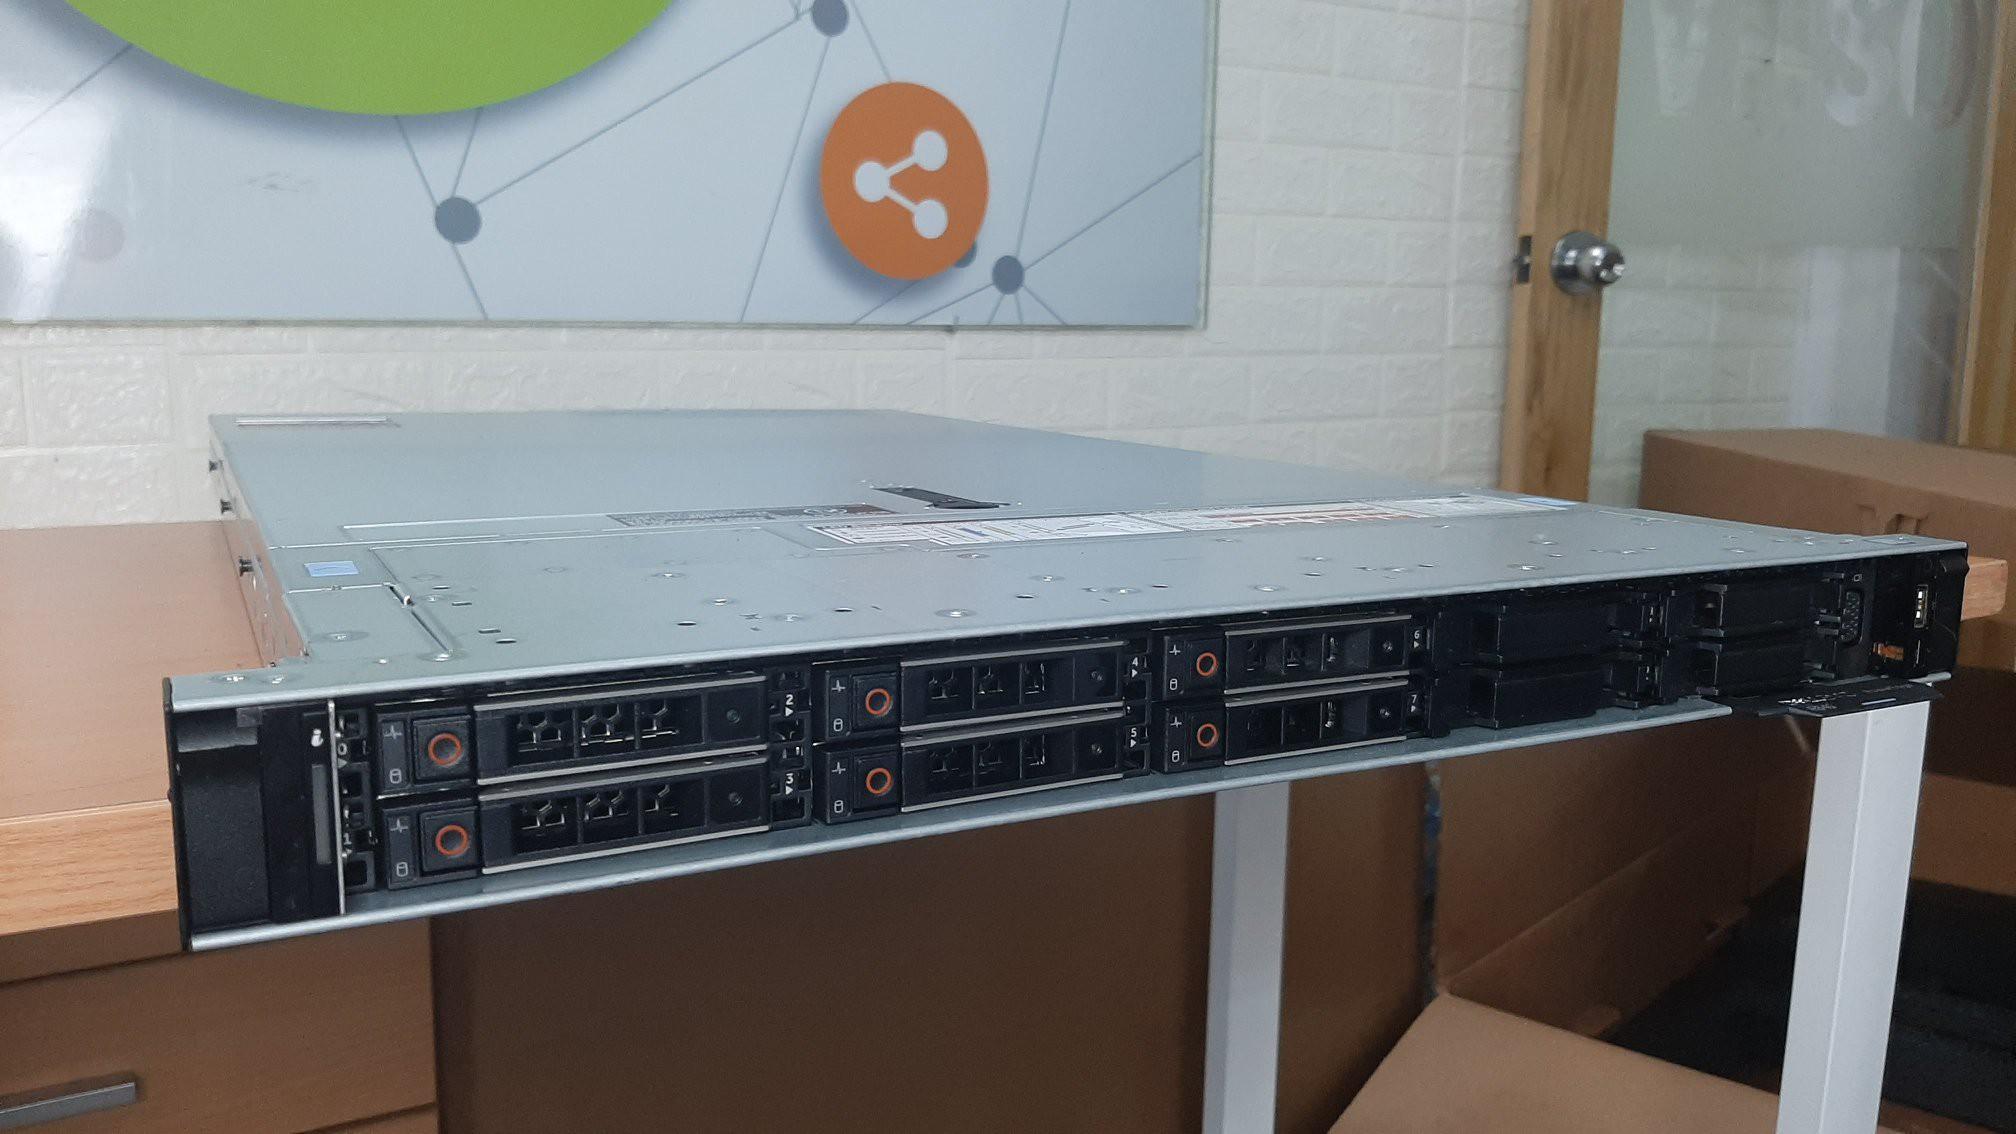 server DELL R640 cao cấp